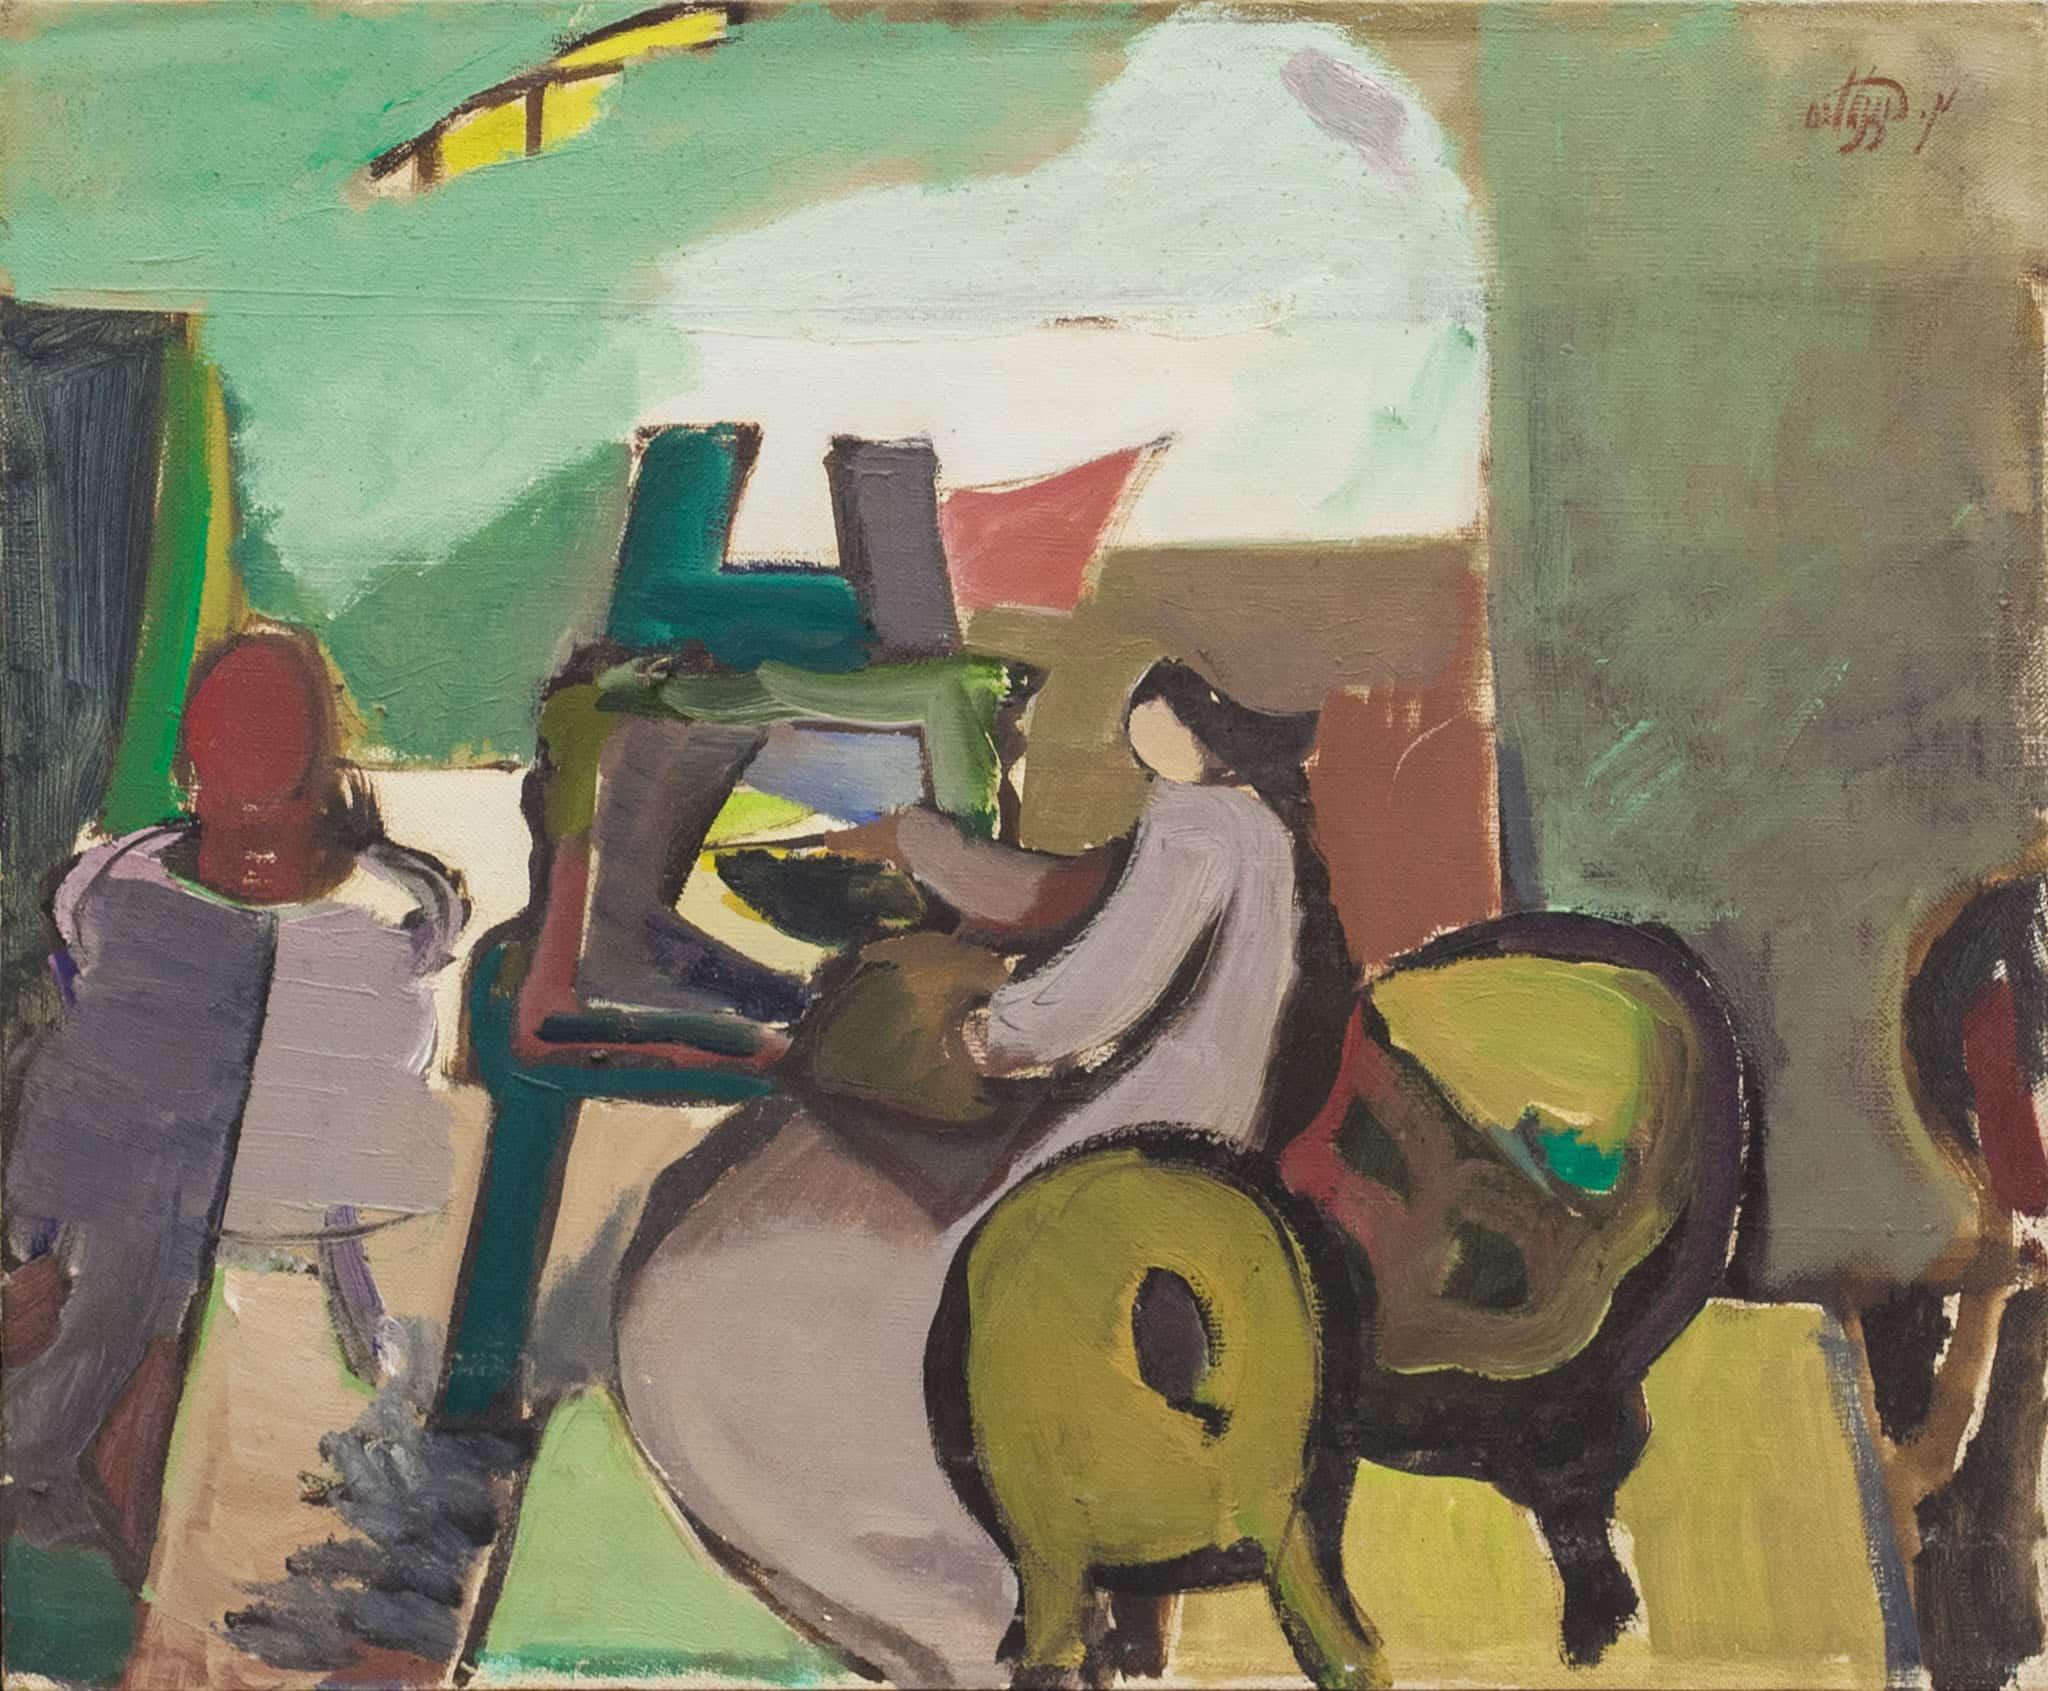 """משה רוזנטליס, """"ציירת בסטודיו"""", שמן על בד, 46x38 ס""""מ"""